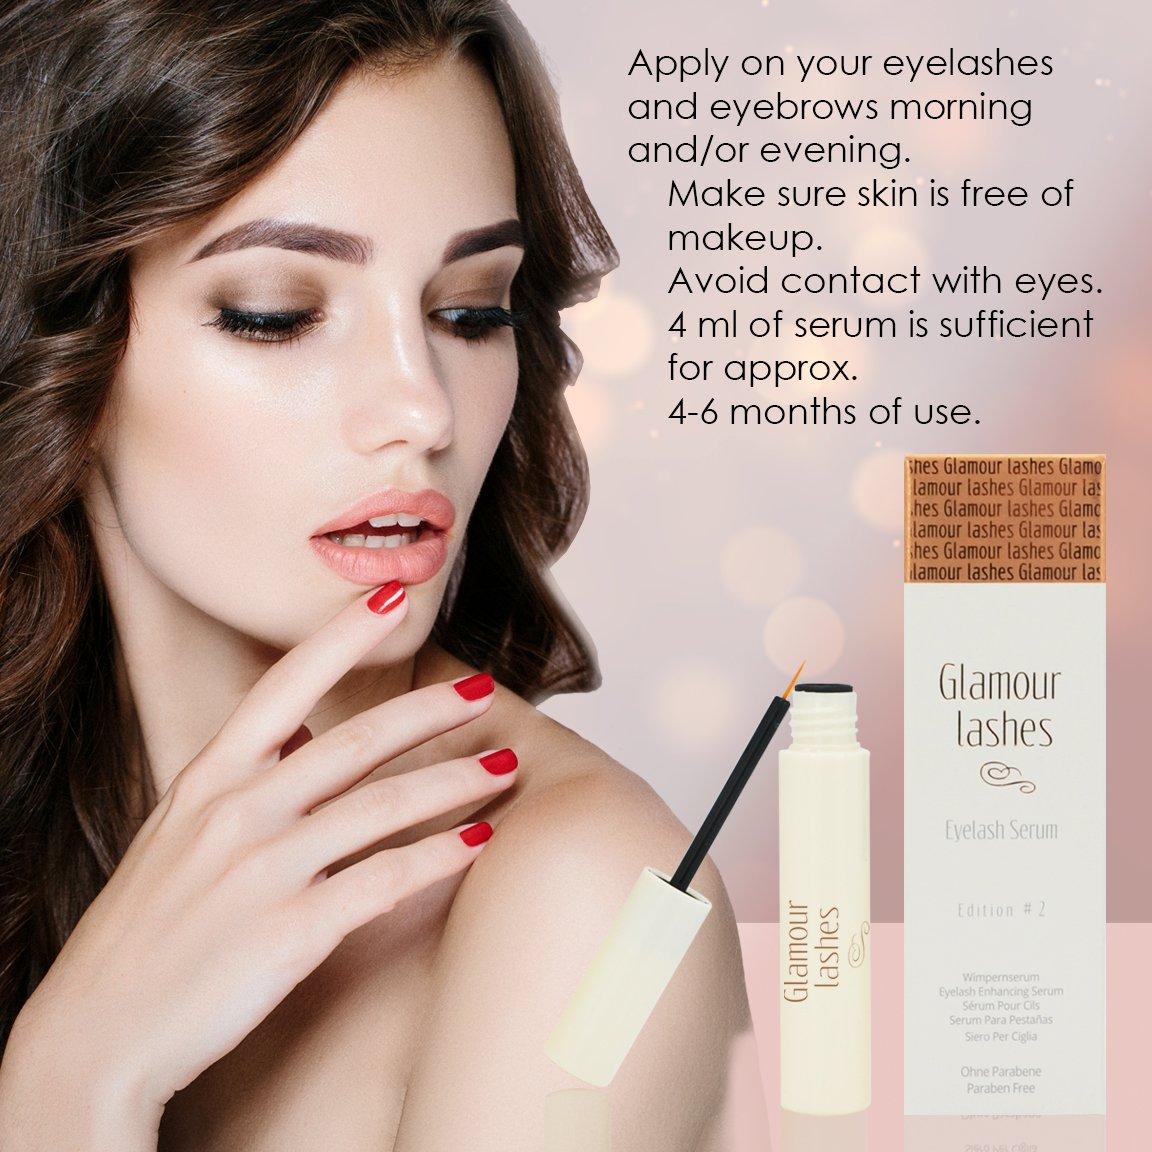 Eyelash Serum 4 ml. Glamor Lashes Edition #2 MADE IN GERMANY I Eyelash Booster I Eyelash Growth Serum |Eyelash Activating Serum by Vitavelle Beauty (Image #6)